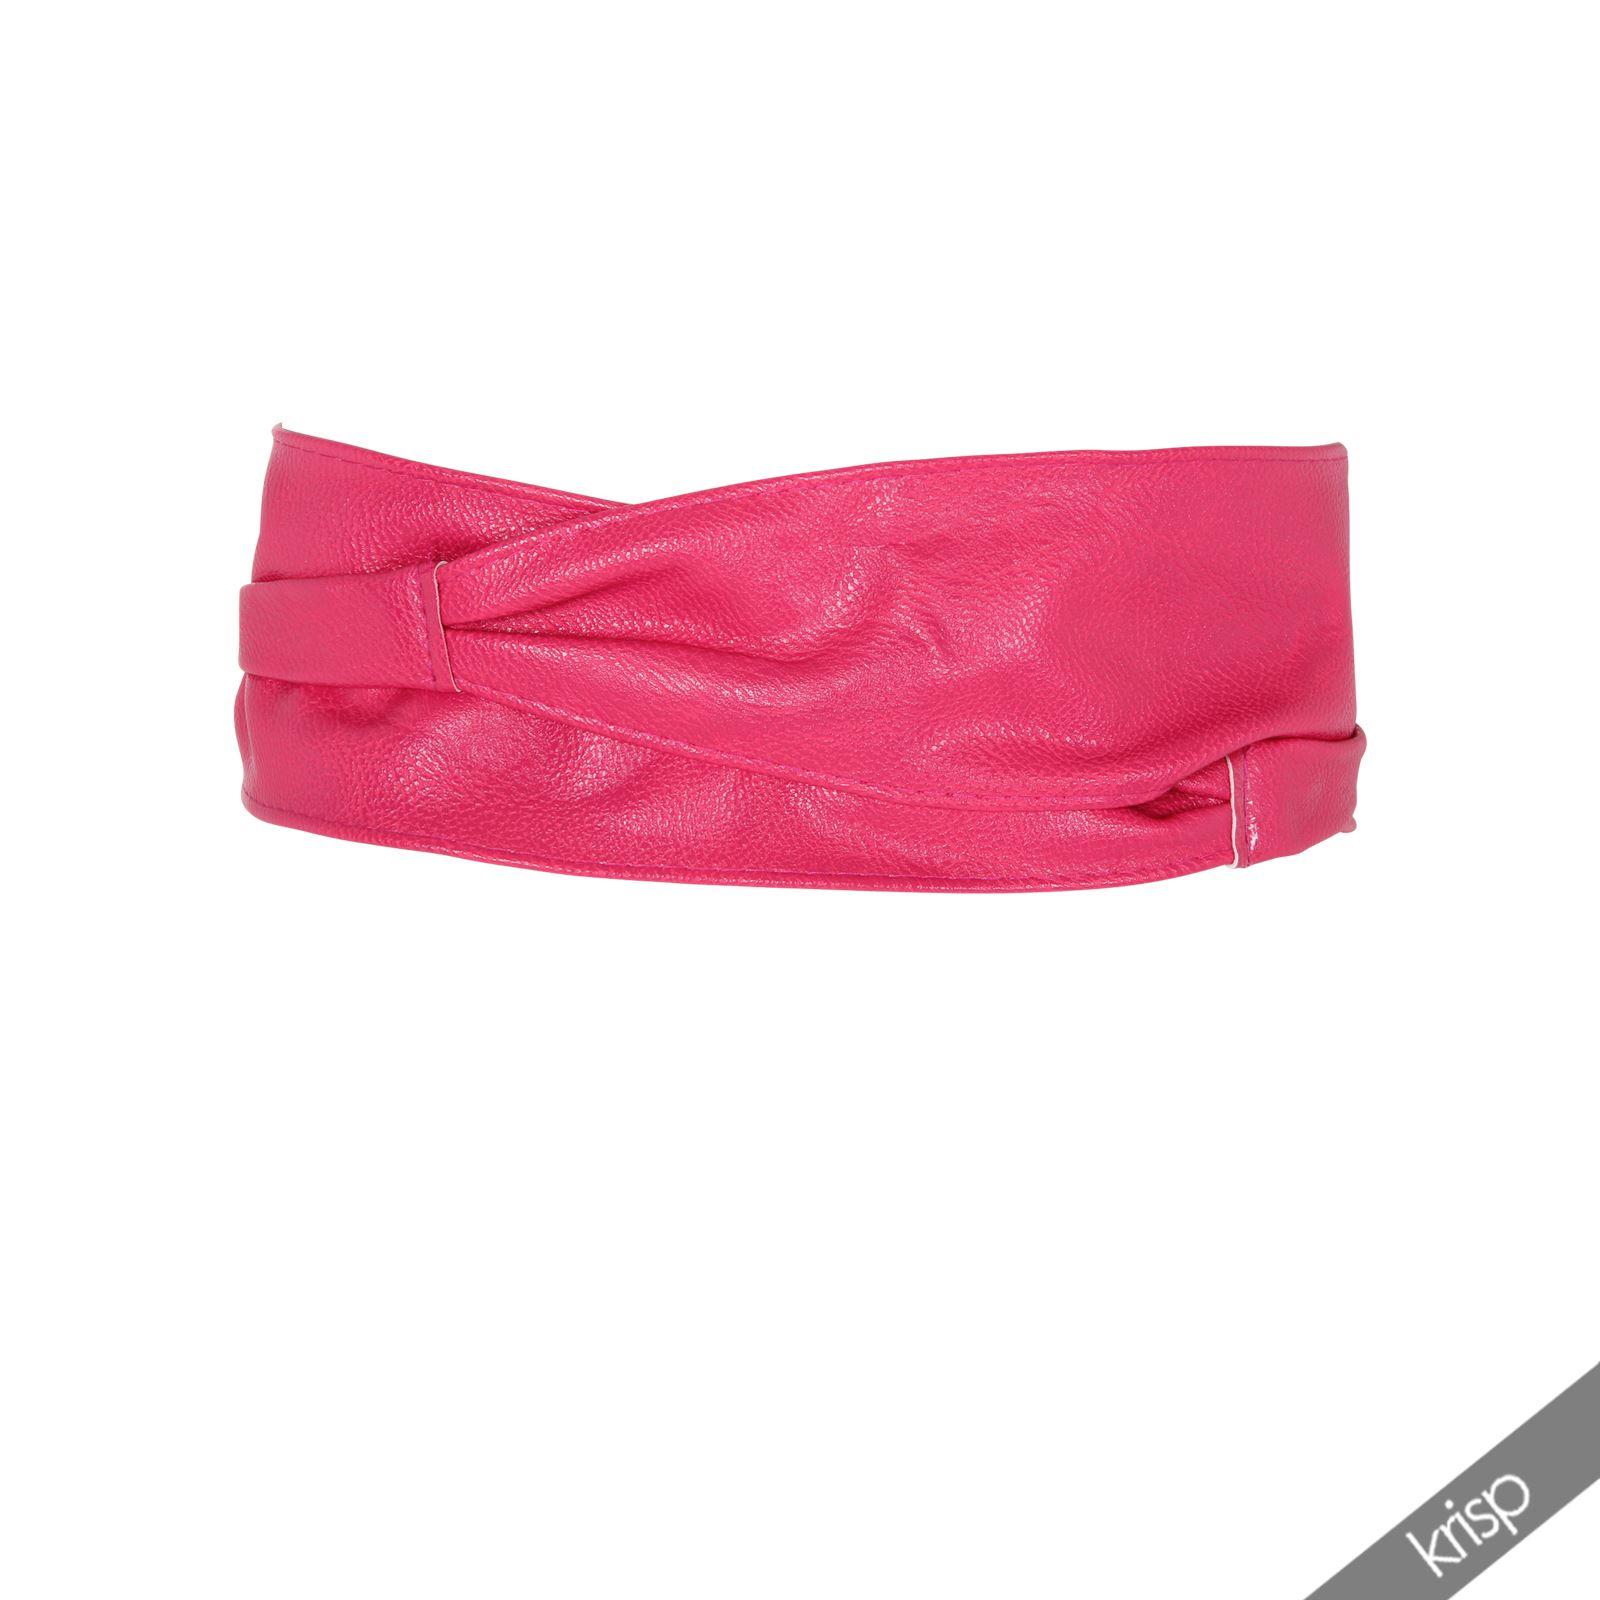 Womens Soft PU Faux Leather Self Tie Wrap Around Obi Waist ...